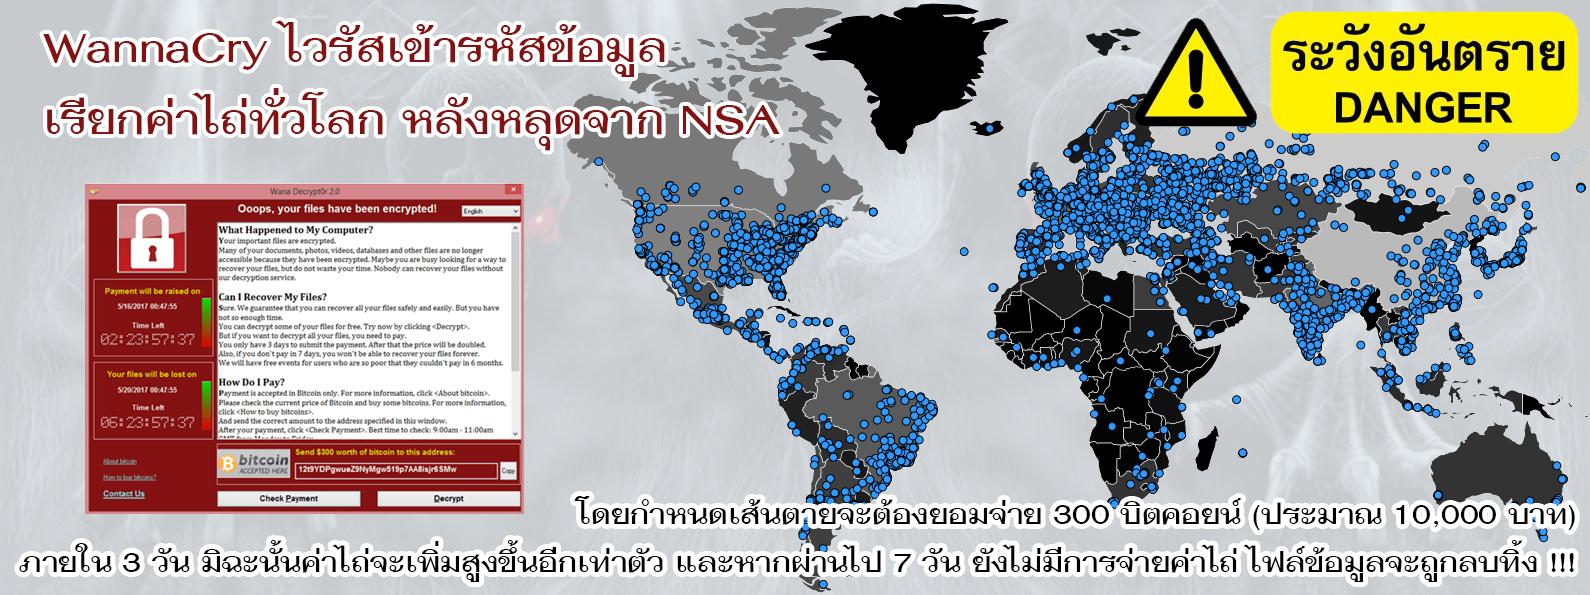 WannaCry ไวรัสเข้ารหัสข้อมูล เรียกค่าไถ่ทั่วโลก